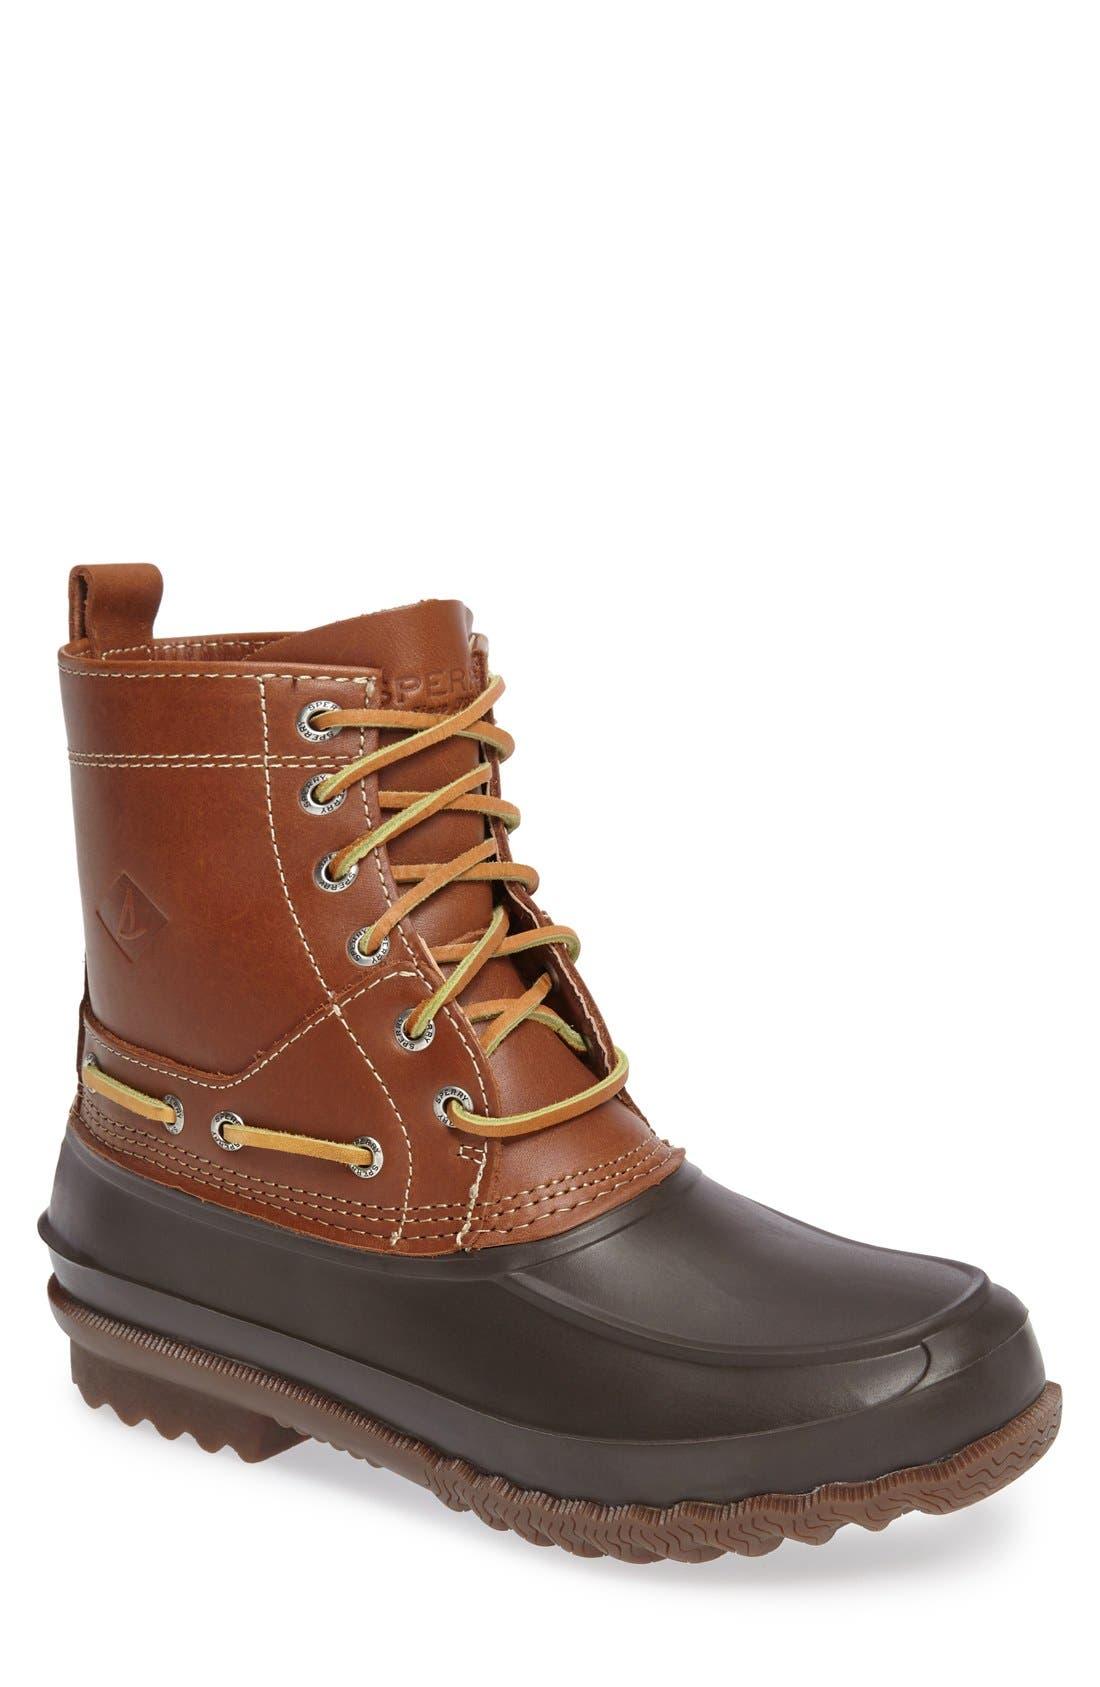 Main Image - Sperry 'Decoy' Waterproof Boot (Men)